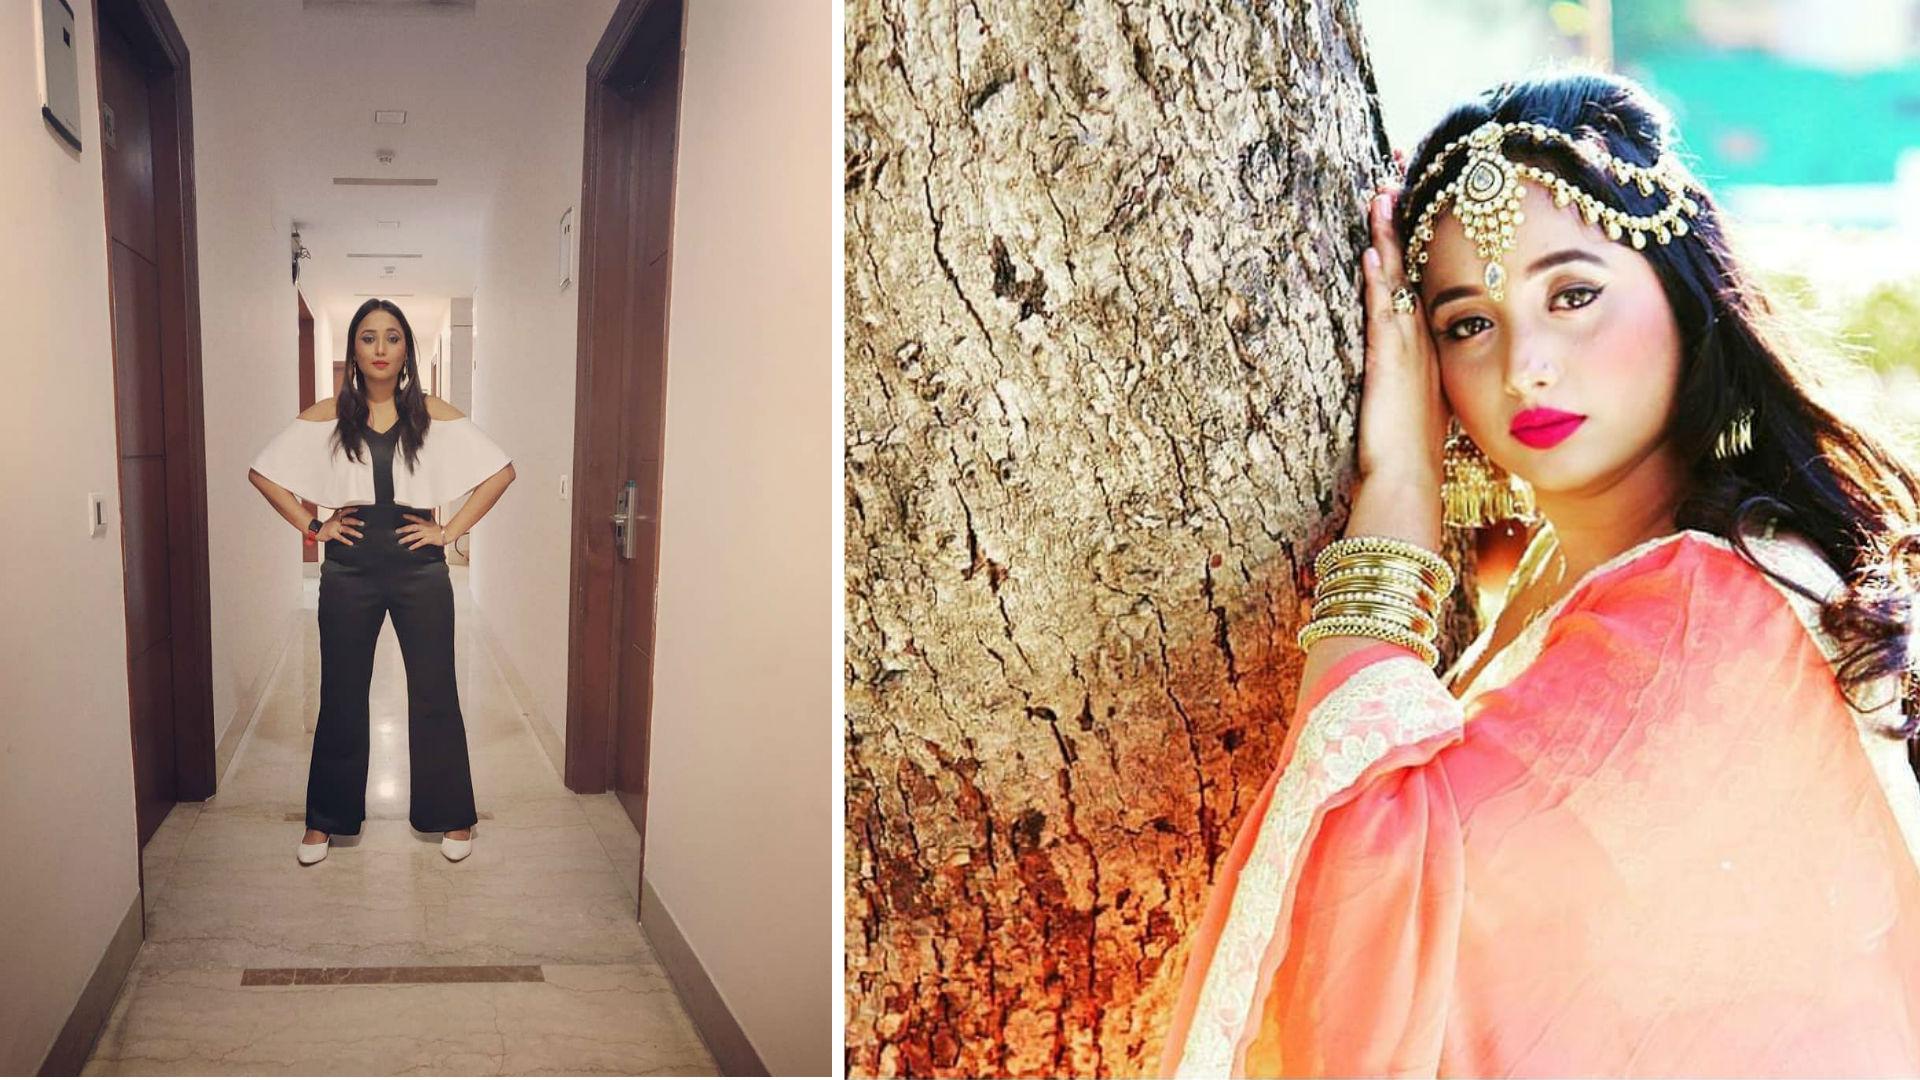 एक्सक्लूसिव इंटरव्यूः भोजपुरी क्वीन रानी चटर्जी ने बताया अपना असली नाम, गोरखनाथ मंदिर से जुड़ी है ये कहानी